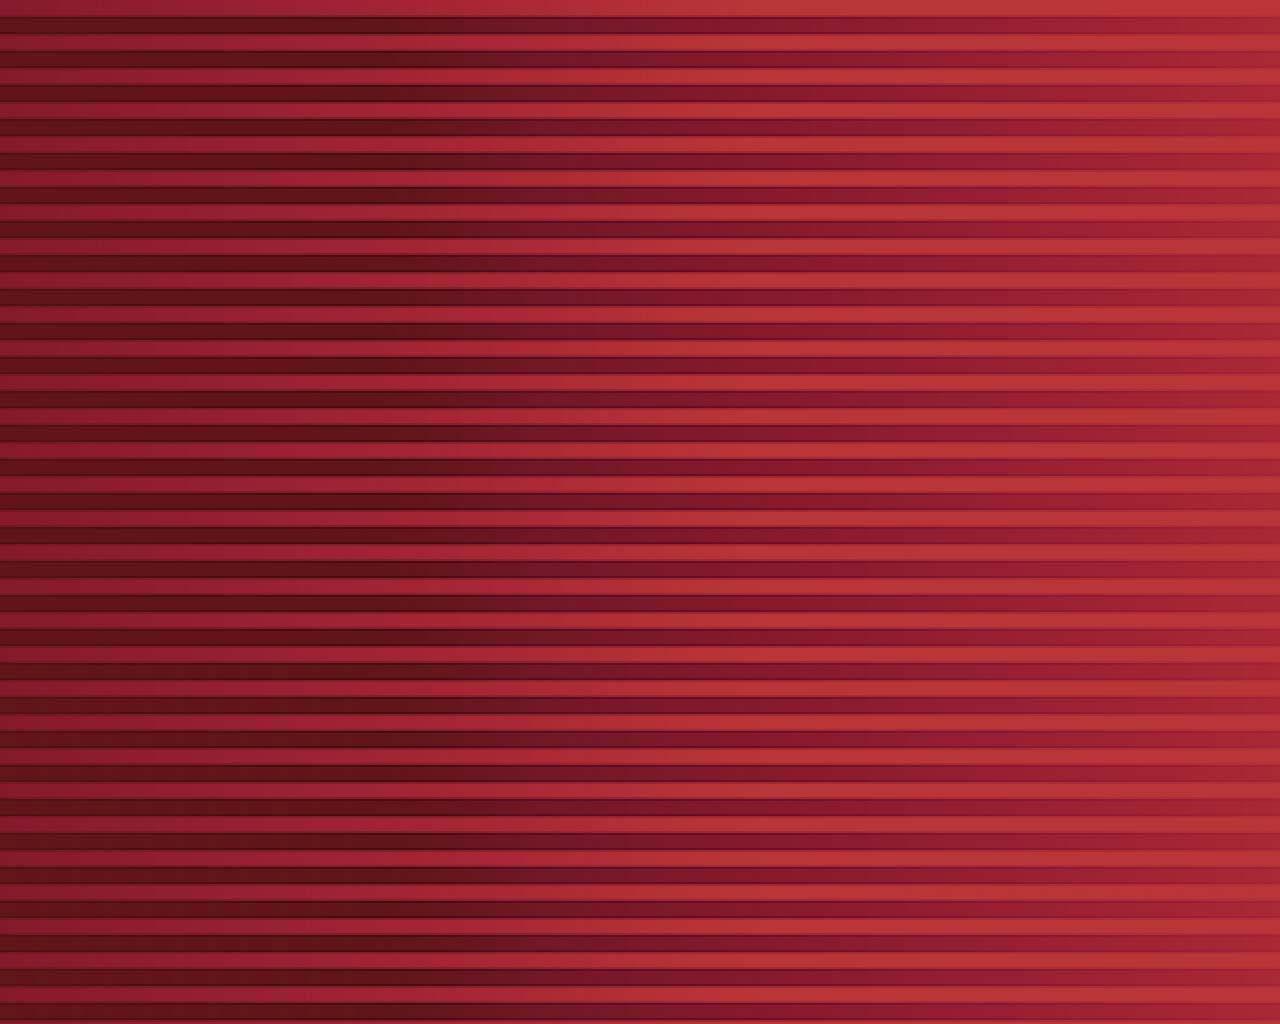 Stripe Pattern Wallpaper Black Maroon